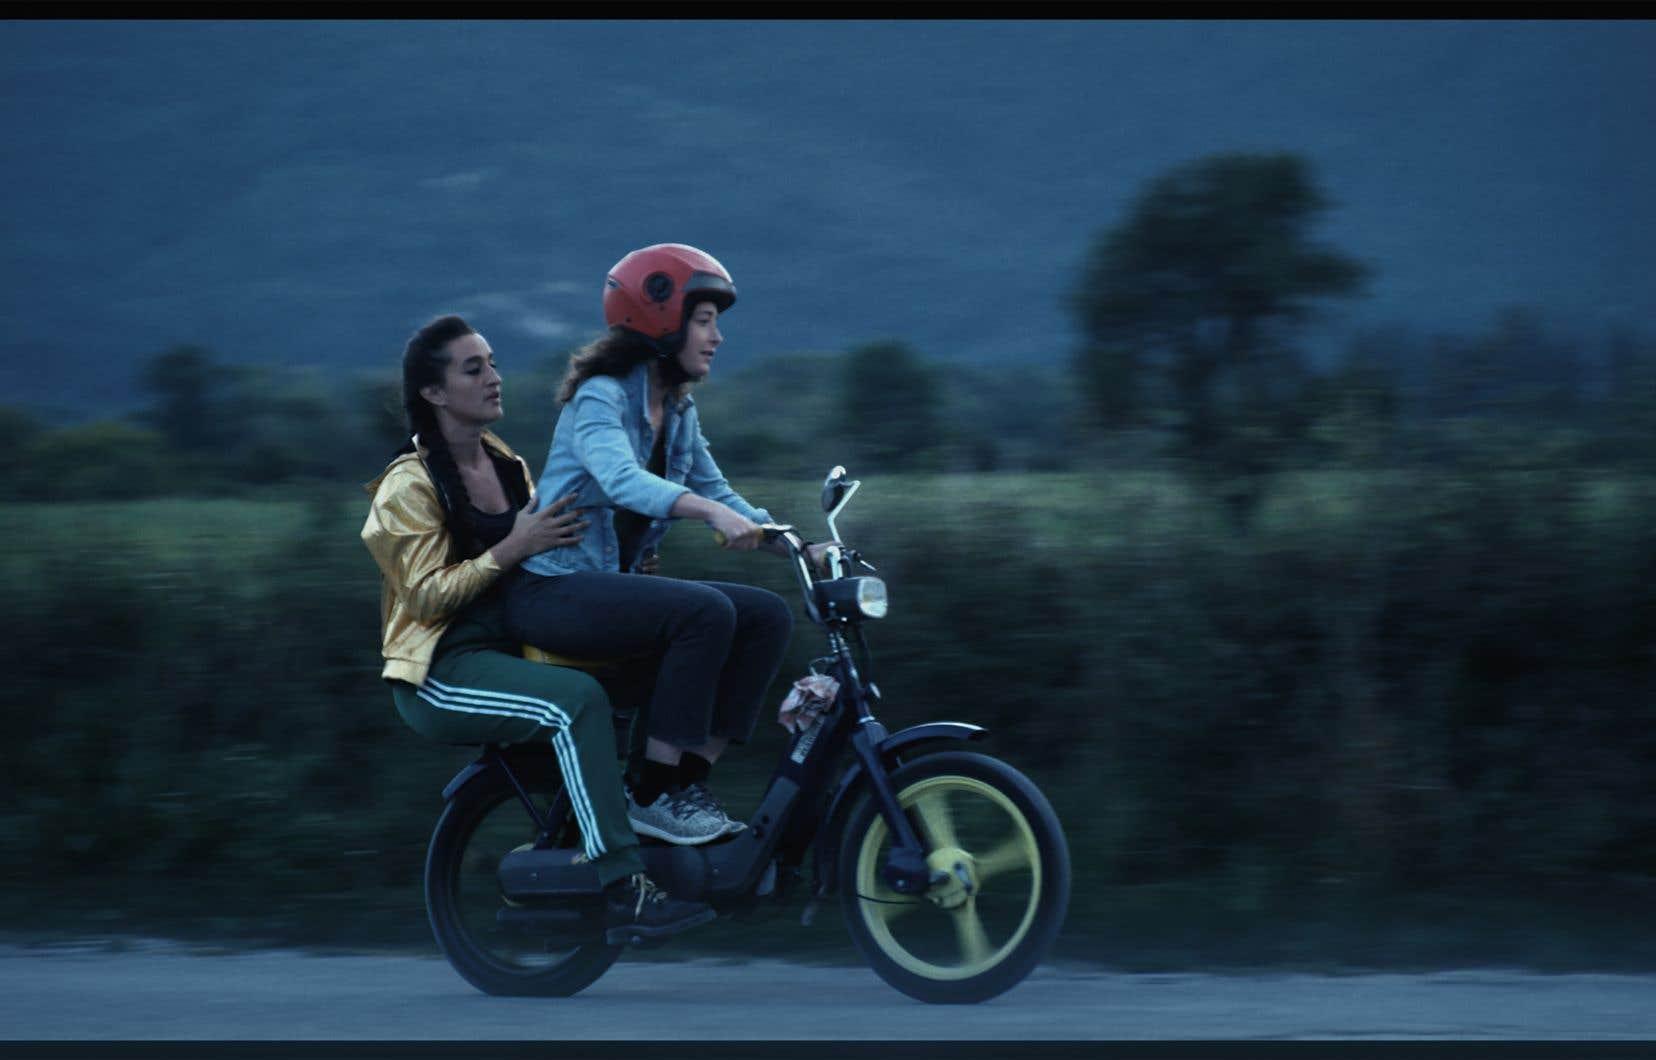 Film poétique et politique, «Rêves de jeunesse» est porté par l'espoir d'un autre monde.